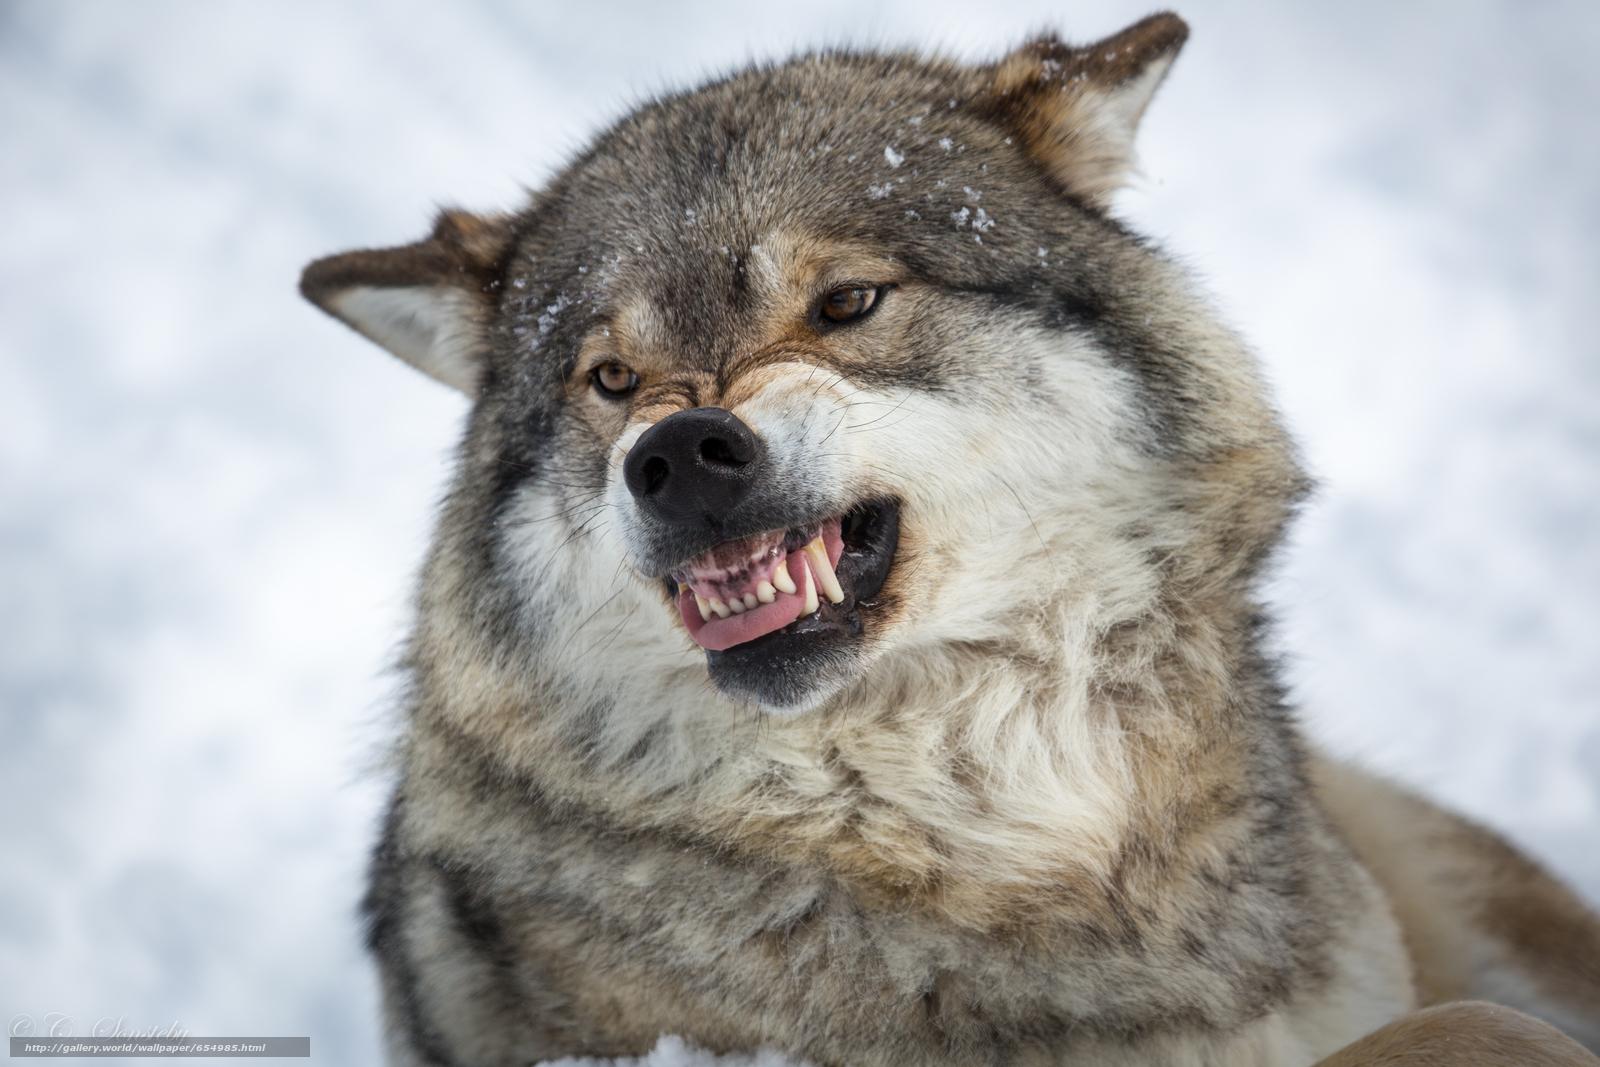 Tlcharger Fond d'ecran loup,  Wolves,  animaux,  hiver Fonds d'ecran gratuits pour votre rsolution du bureau 5760x3840 — image №654985